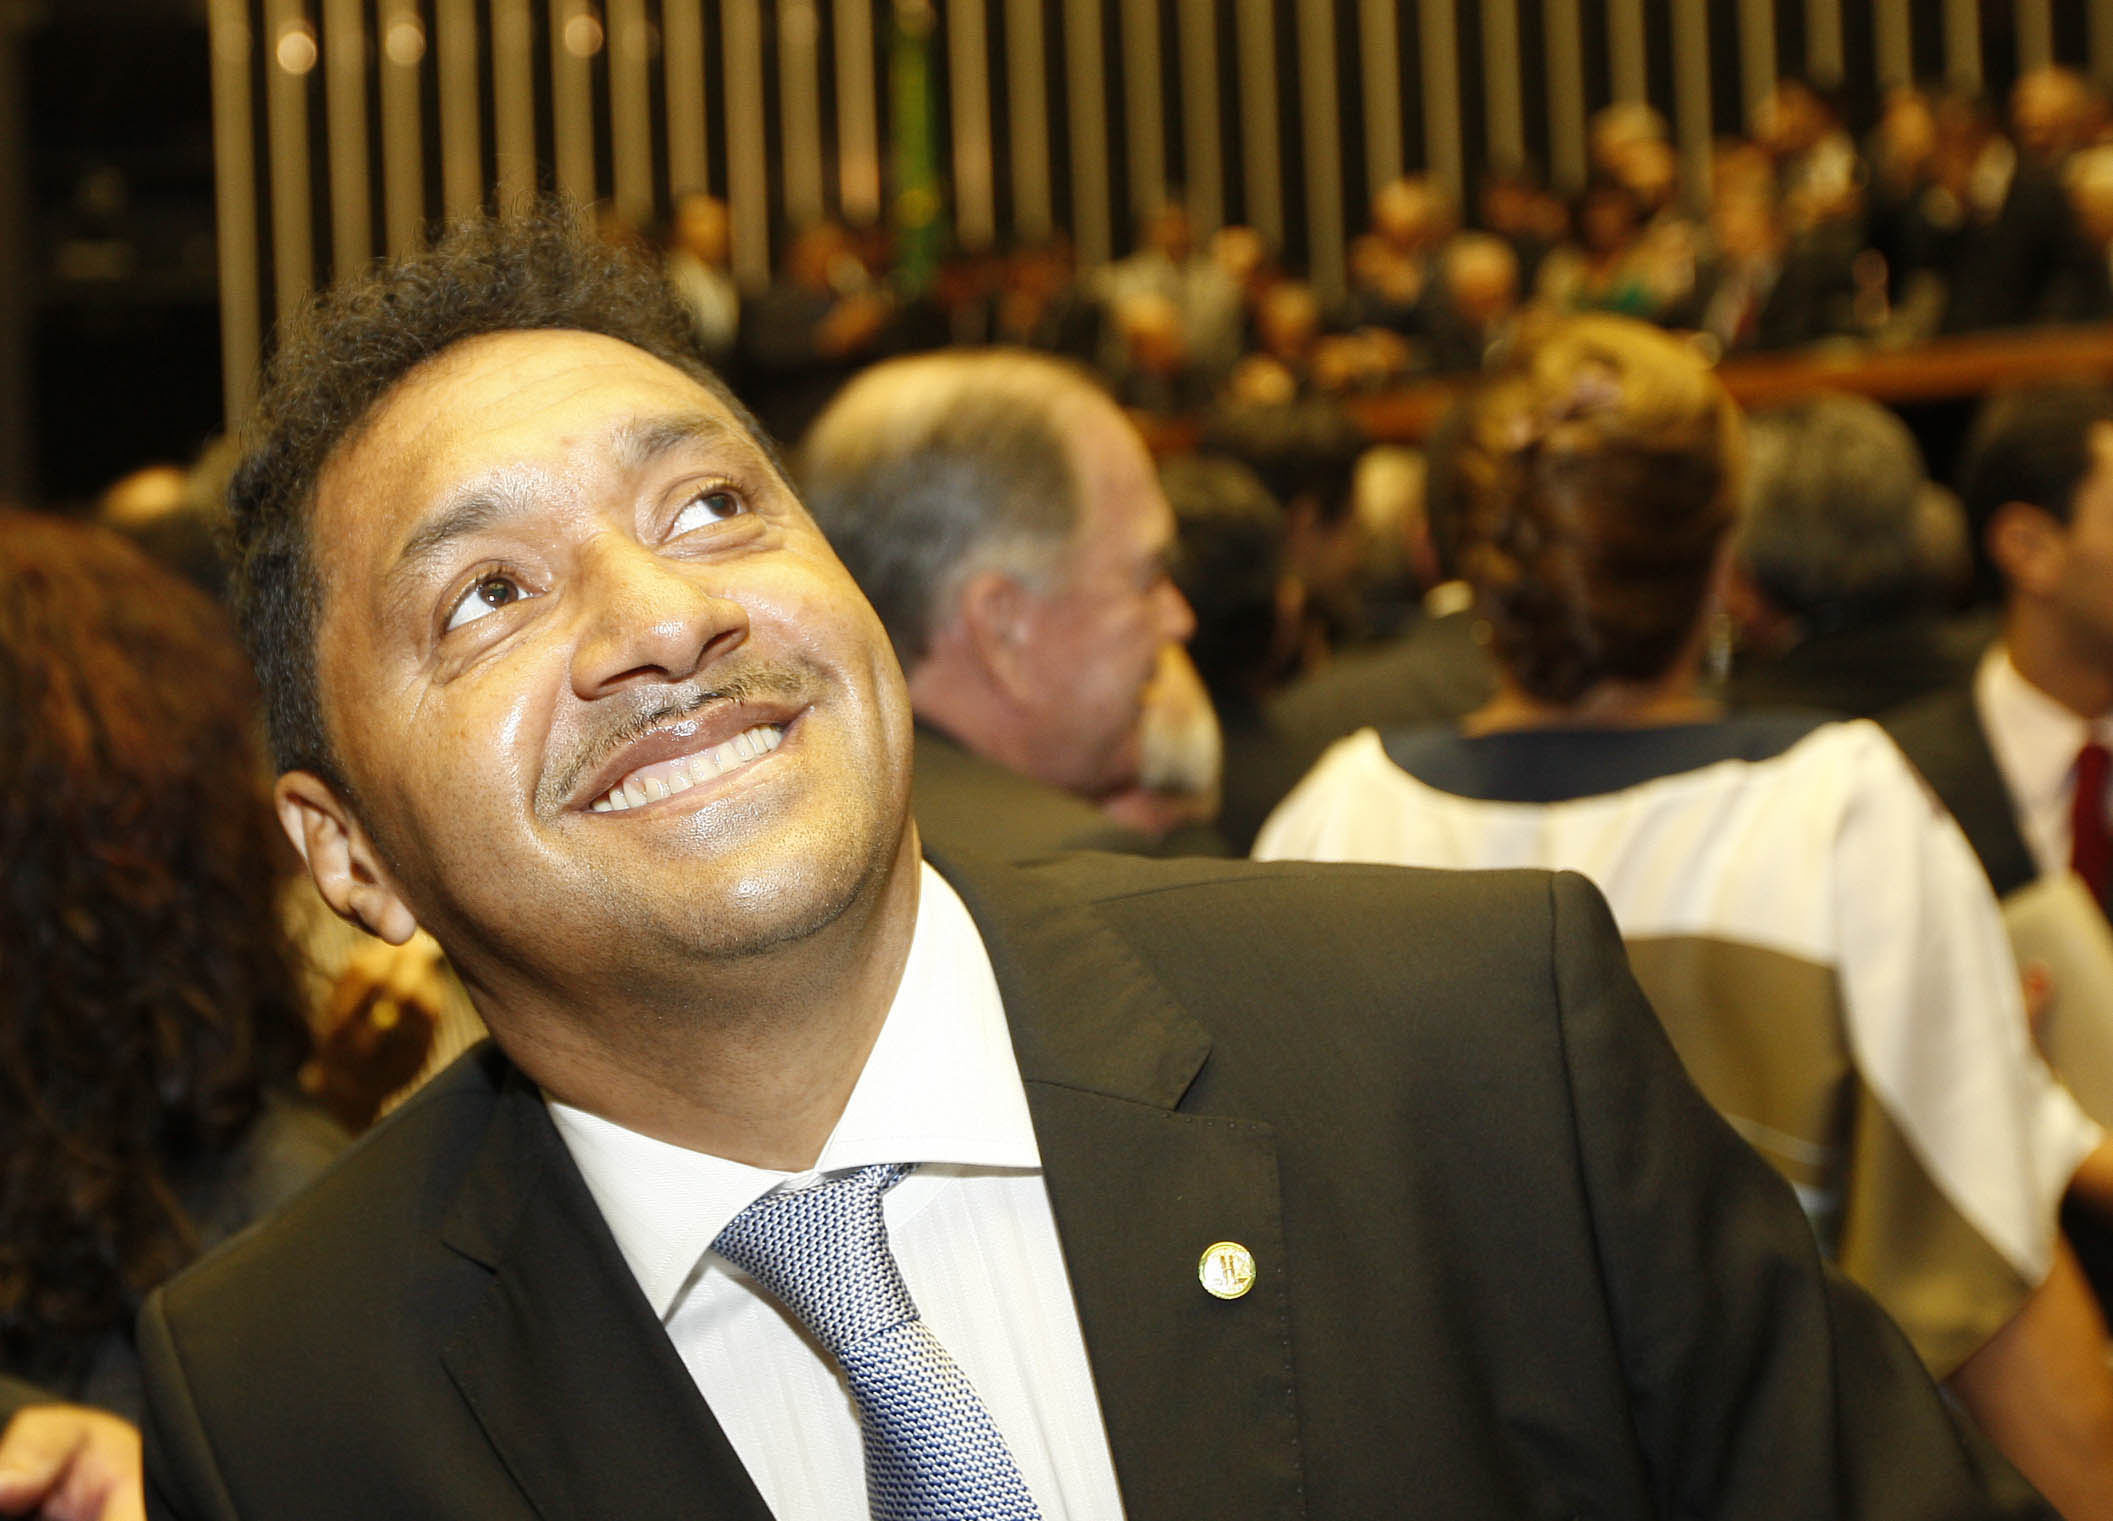 Tiririca faz piada em vídeo sobre discurso de deputados no processo de impeachment